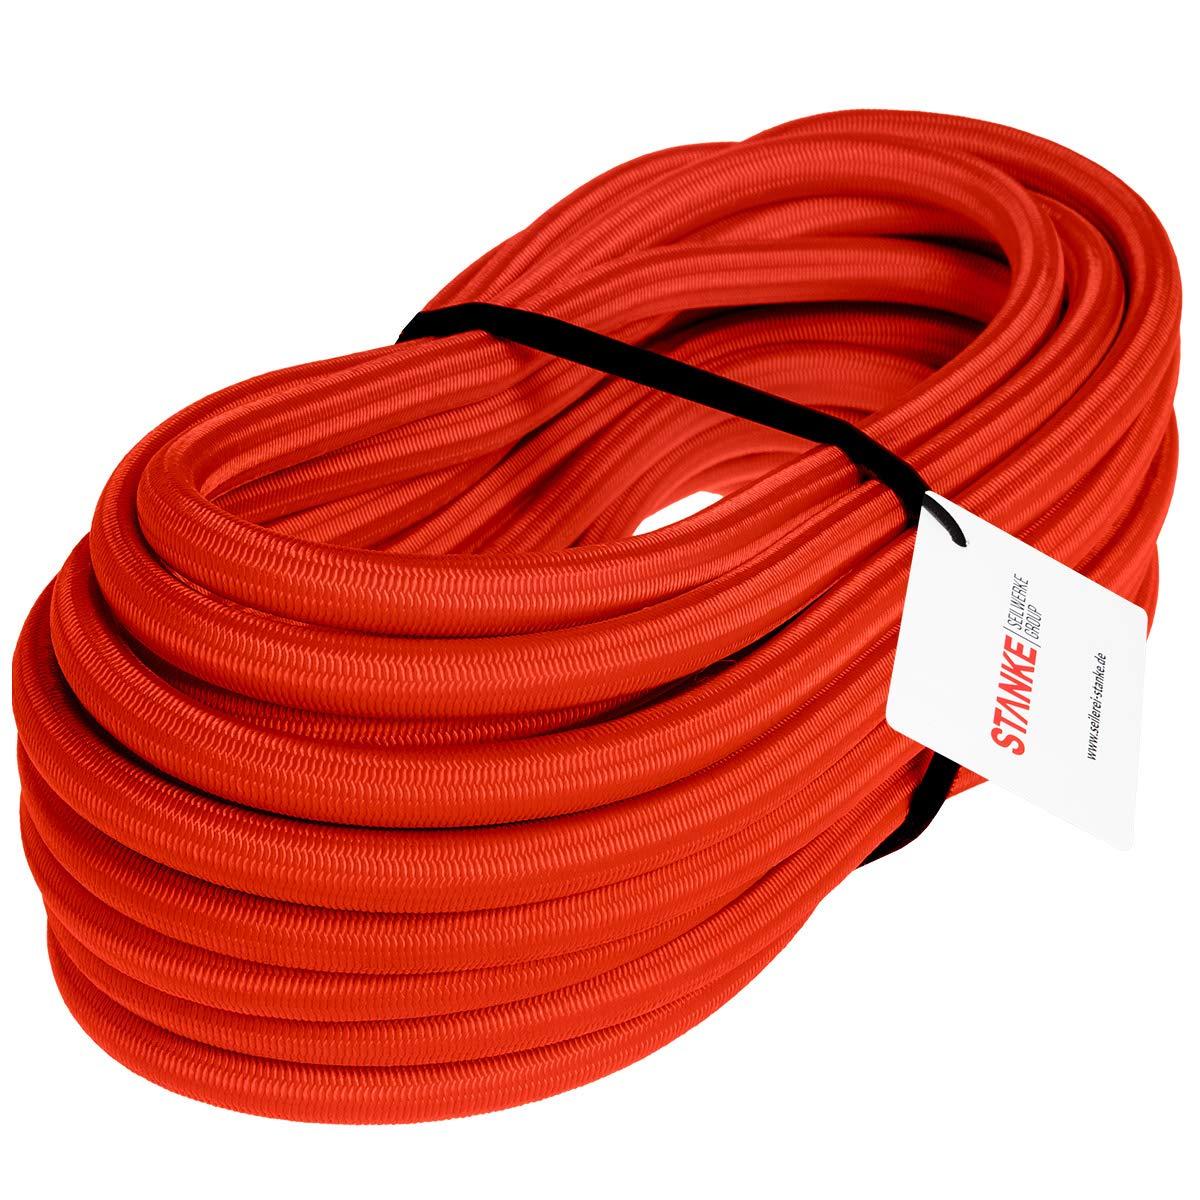 Gummileine Spannseil Planenseil Gummischnur Seilwerk STANKE Gummiseil Expanderseil Schwarz 4 mm 20 Meter